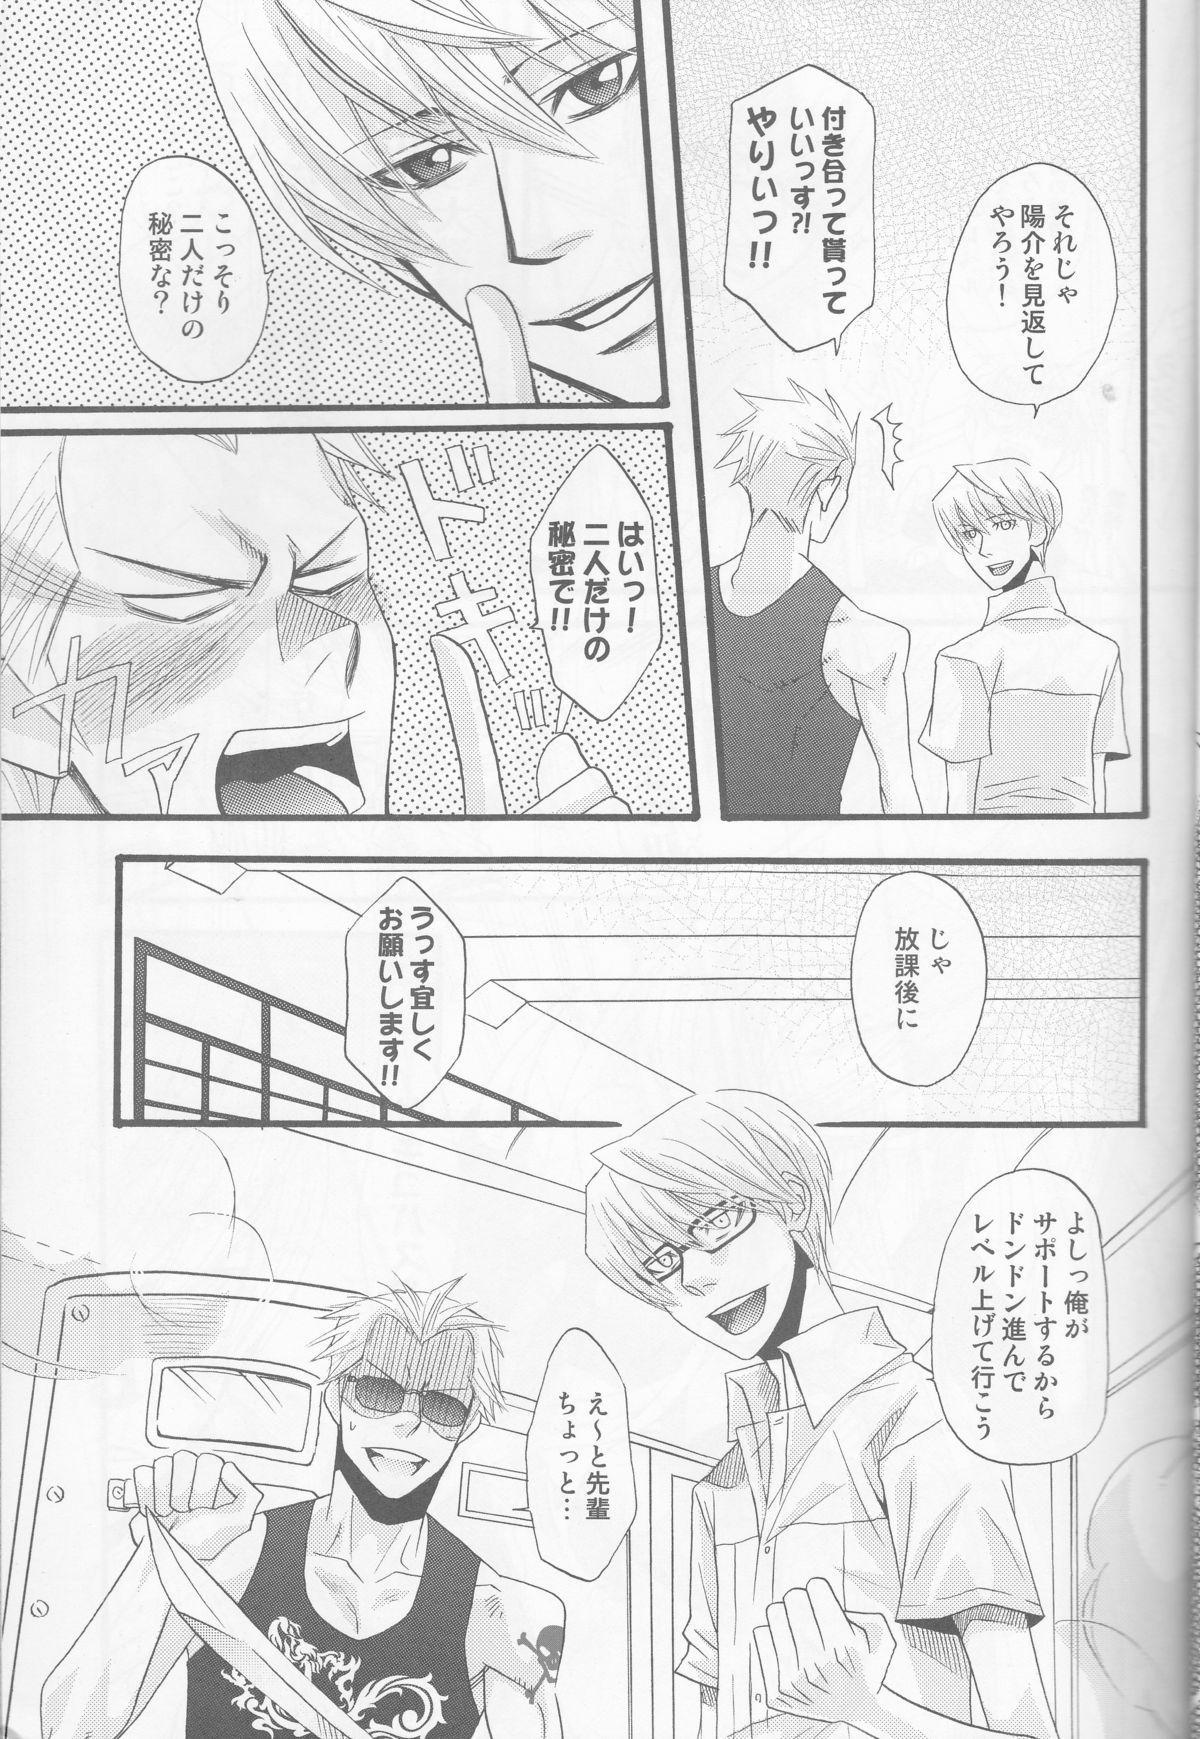 Ichinan Satte mata Ichinan 6